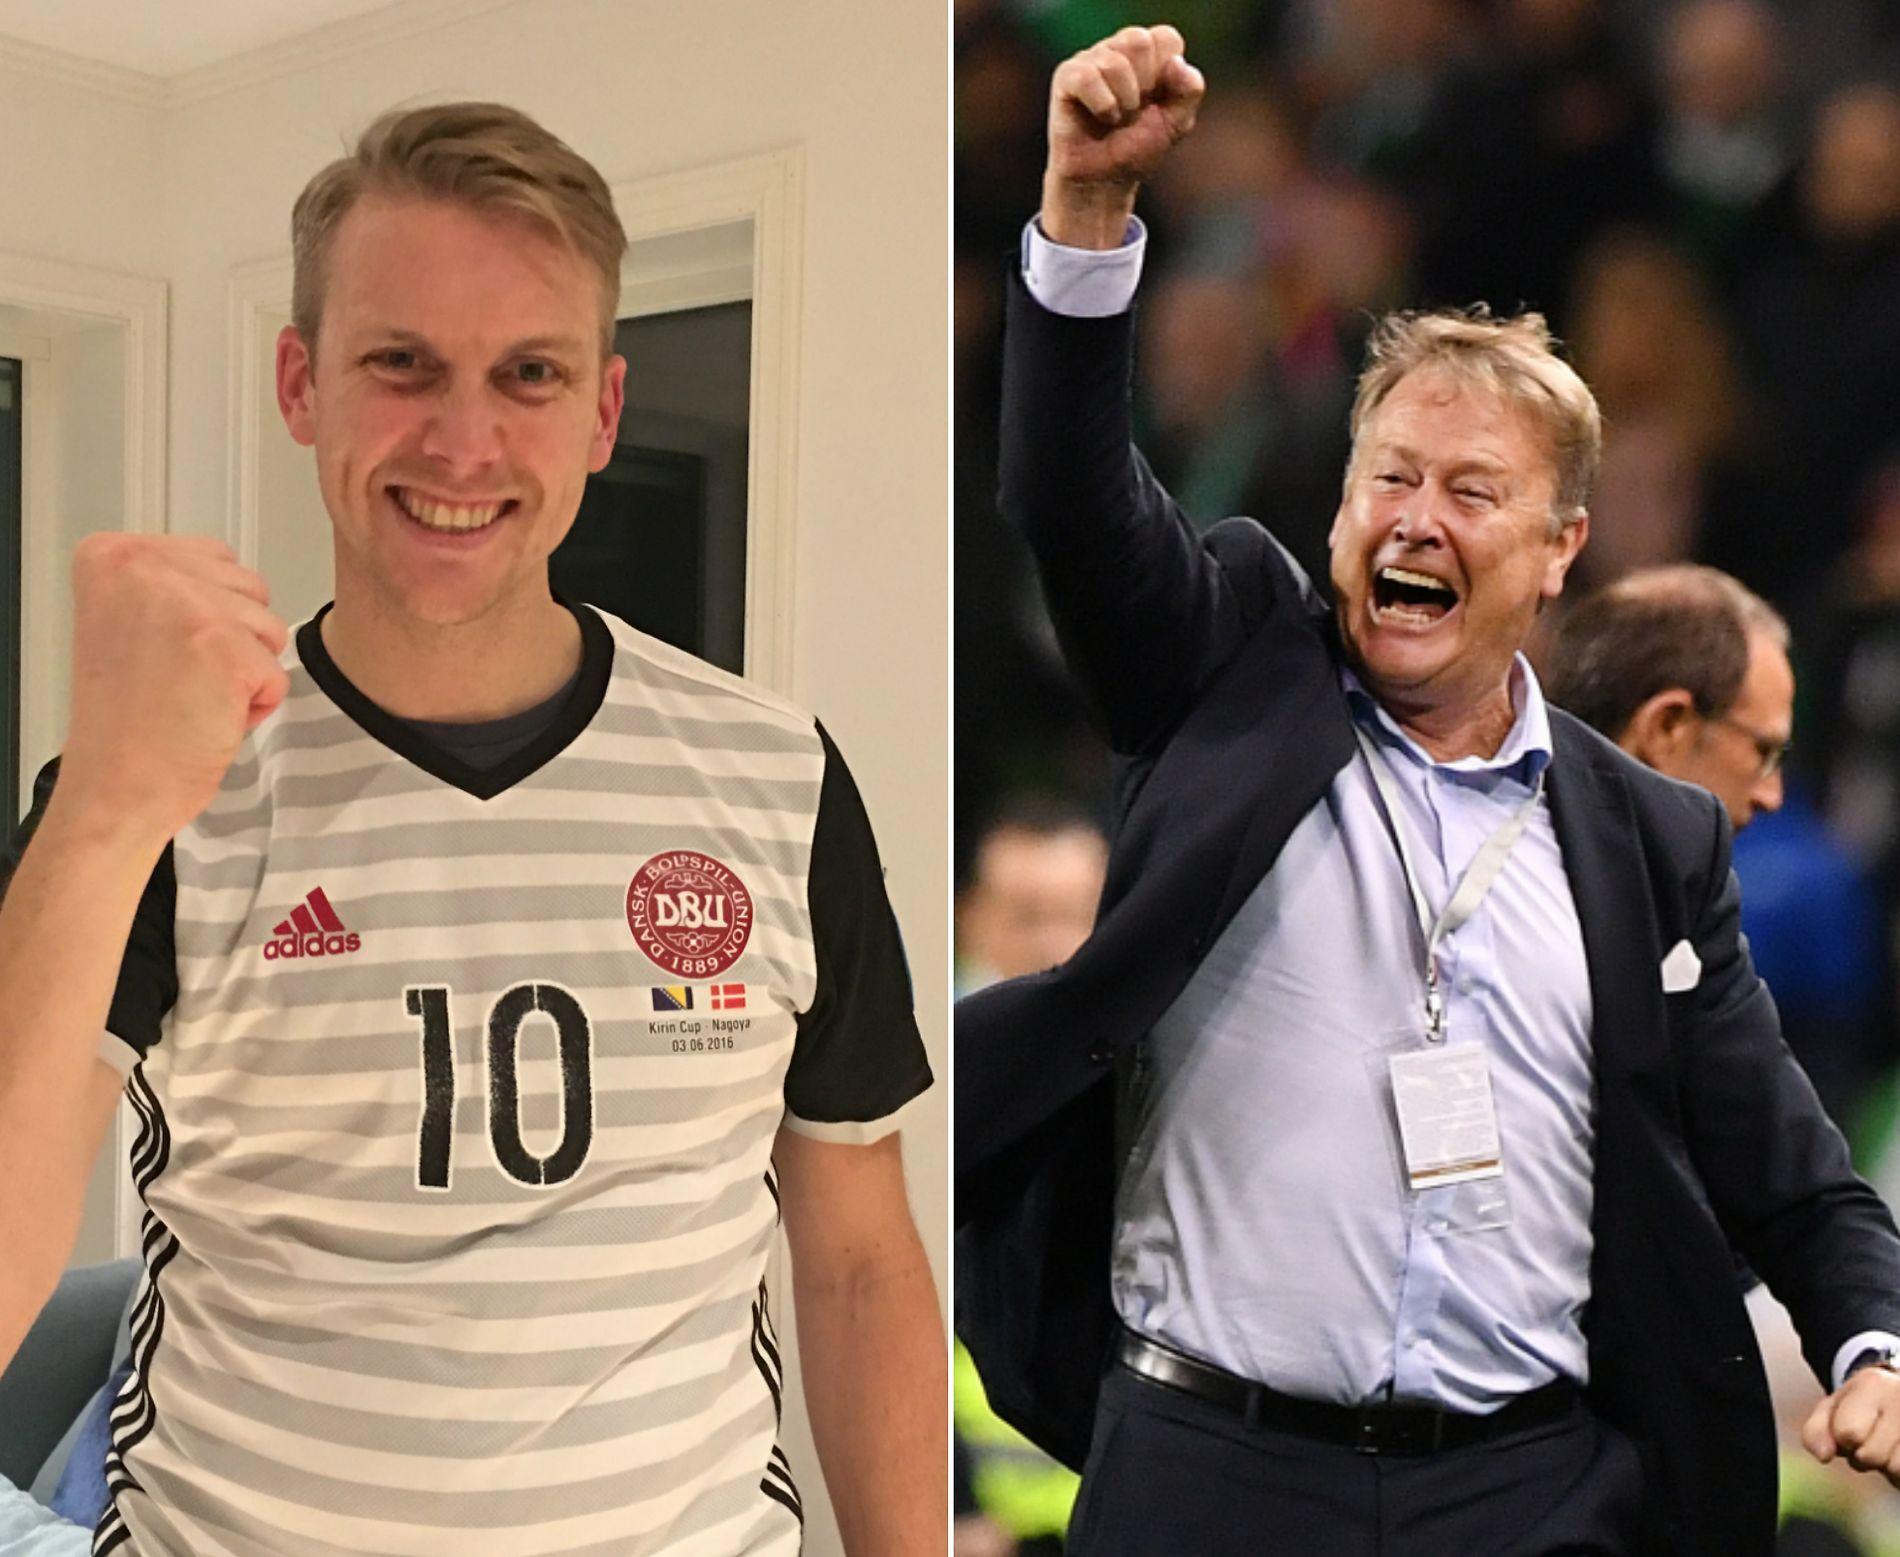 SOM FAR, SOM SØNN: Bendik Hareide jubler tirsdag kveld i Christian Eriksen-drakt etter at faren Åge Hareide tok Danmark til fotball-VM.